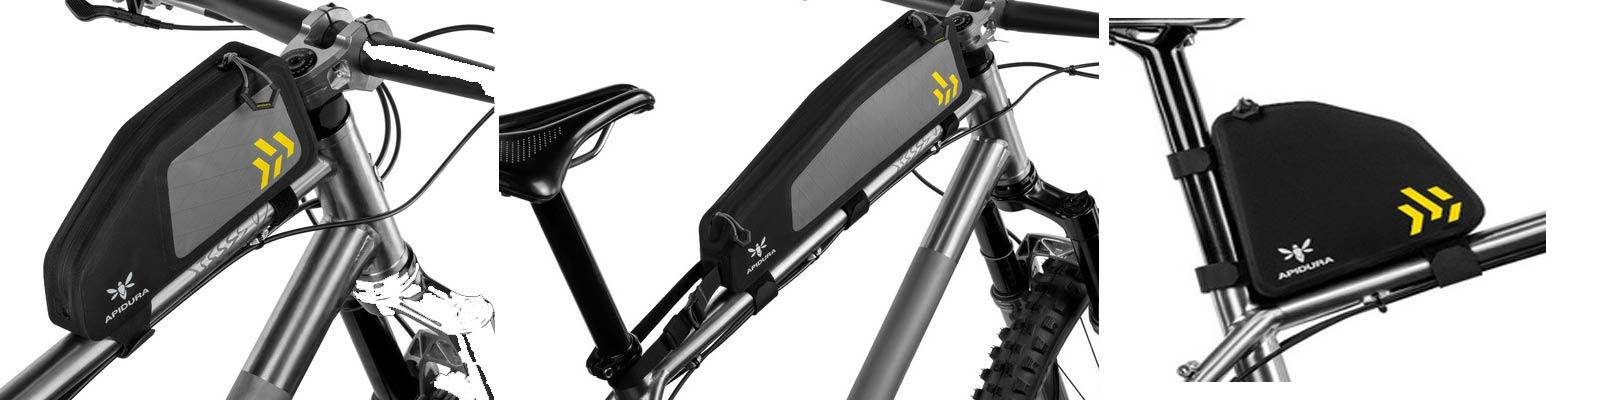 Apidura Backcountry La gamme de sacoches vélo bikepacking remise à jour